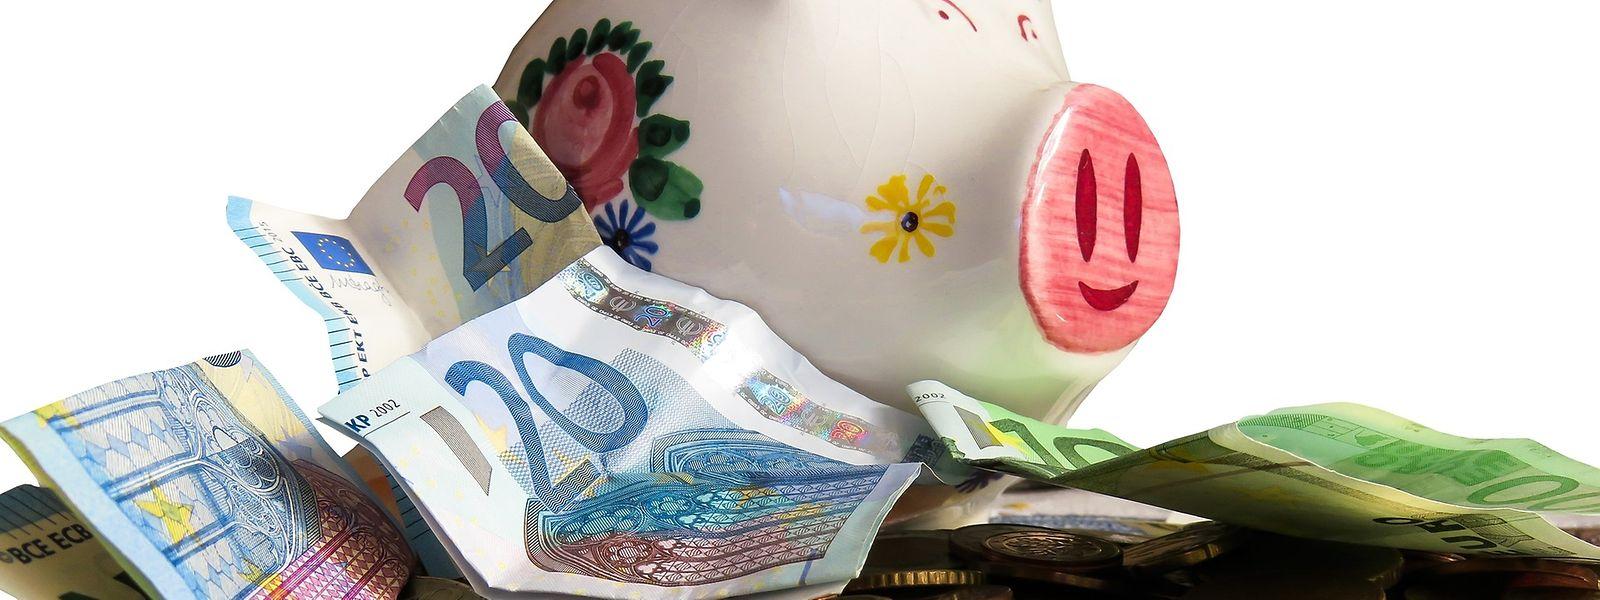 geld gewinnspiele online luxemburg merkur bestes spiel in düsseldorf